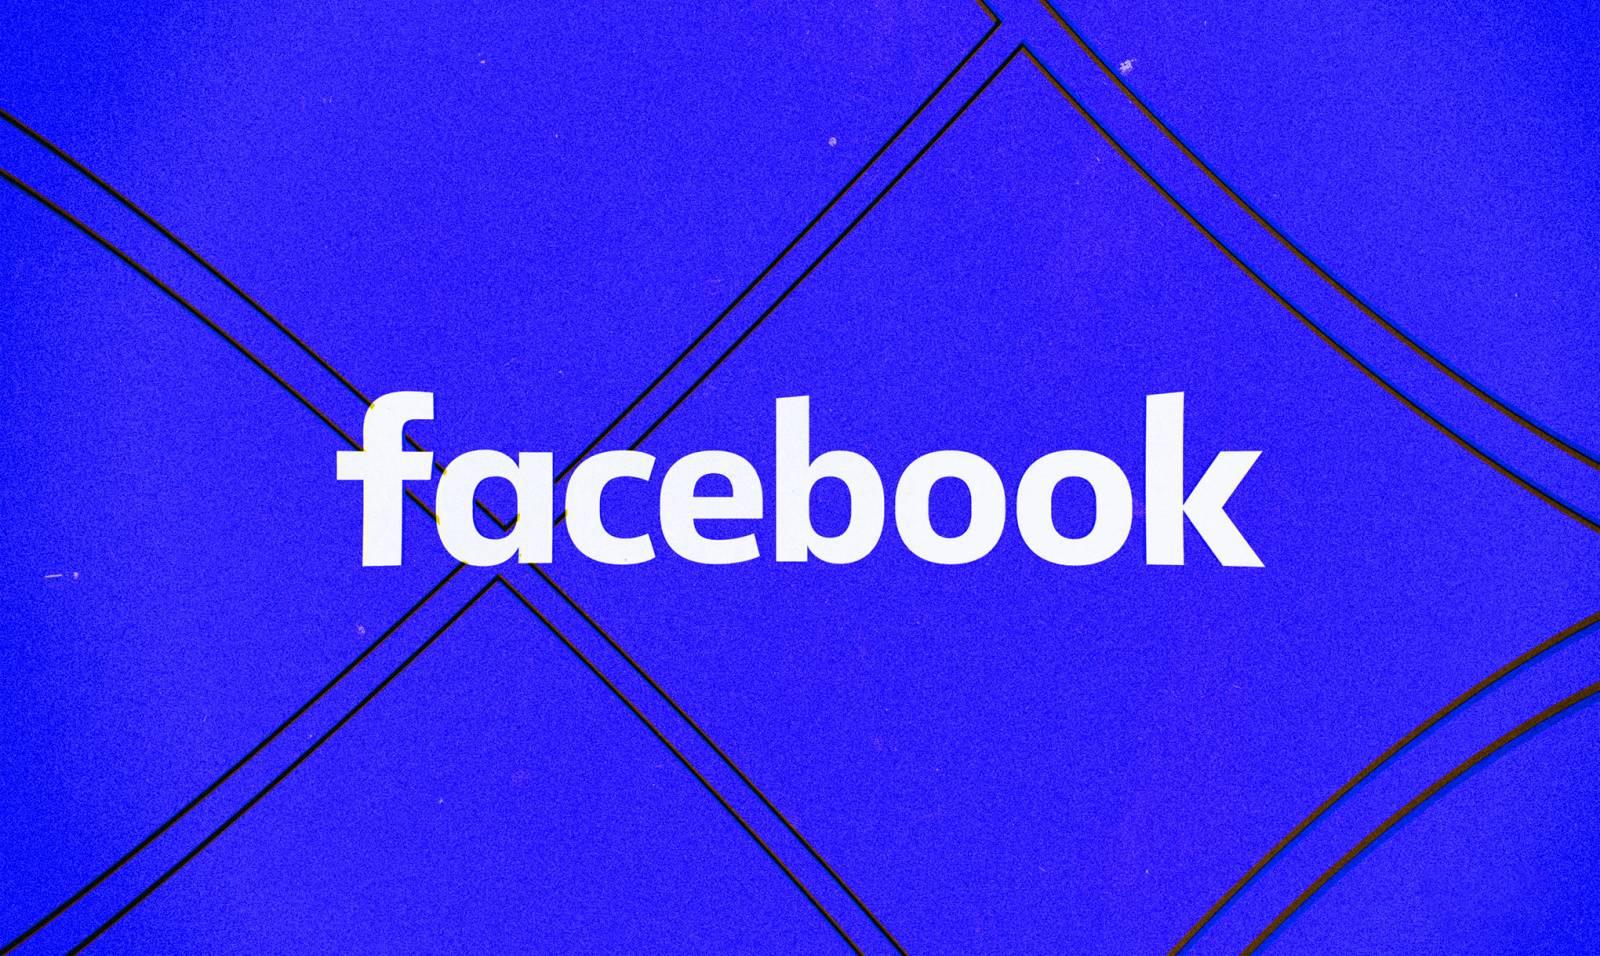 Facebook Actualizarea cu Noutati pentru Telefoane si Tablete